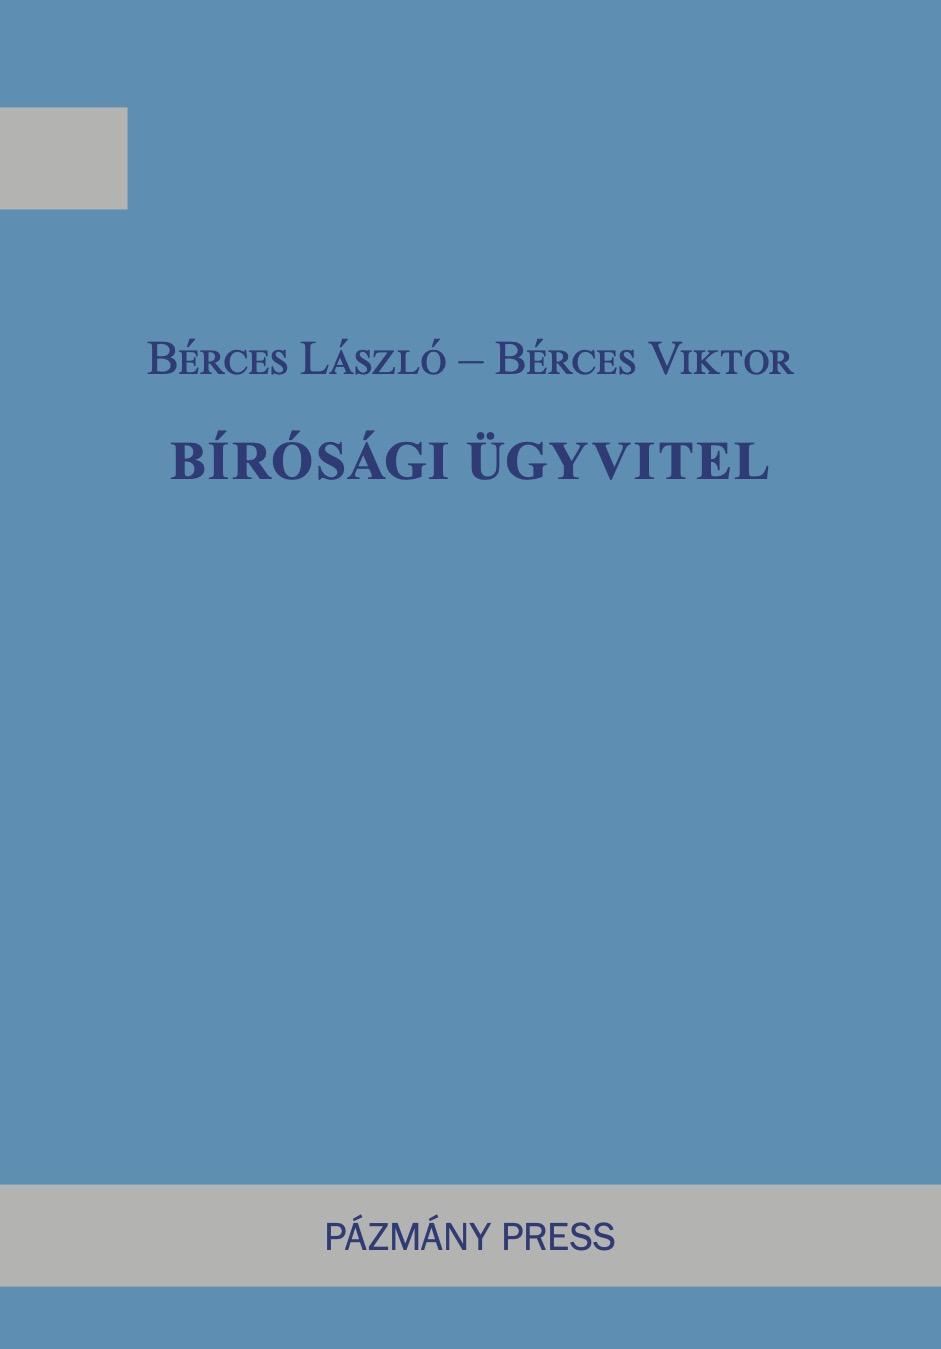 berrces_viktor_es_laszlo_birosagi_ugyvitel_borito.jpg